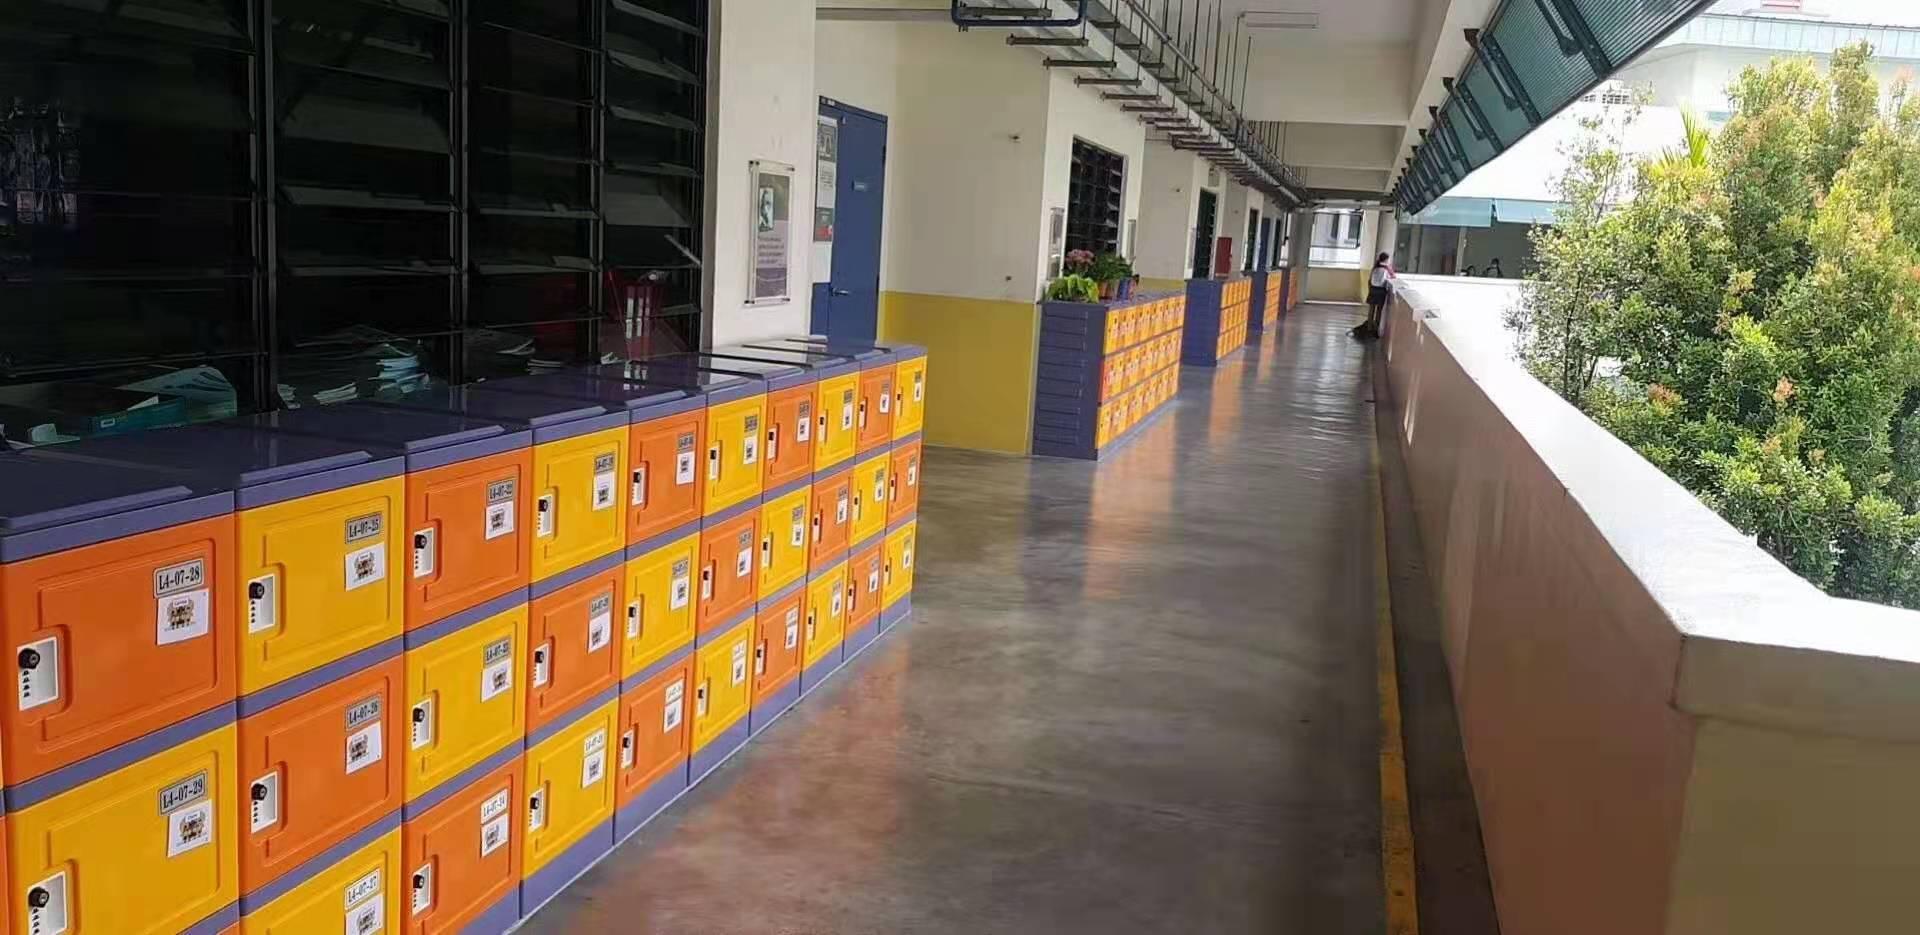 山东青岛市学校采购一批学生书包柜项目